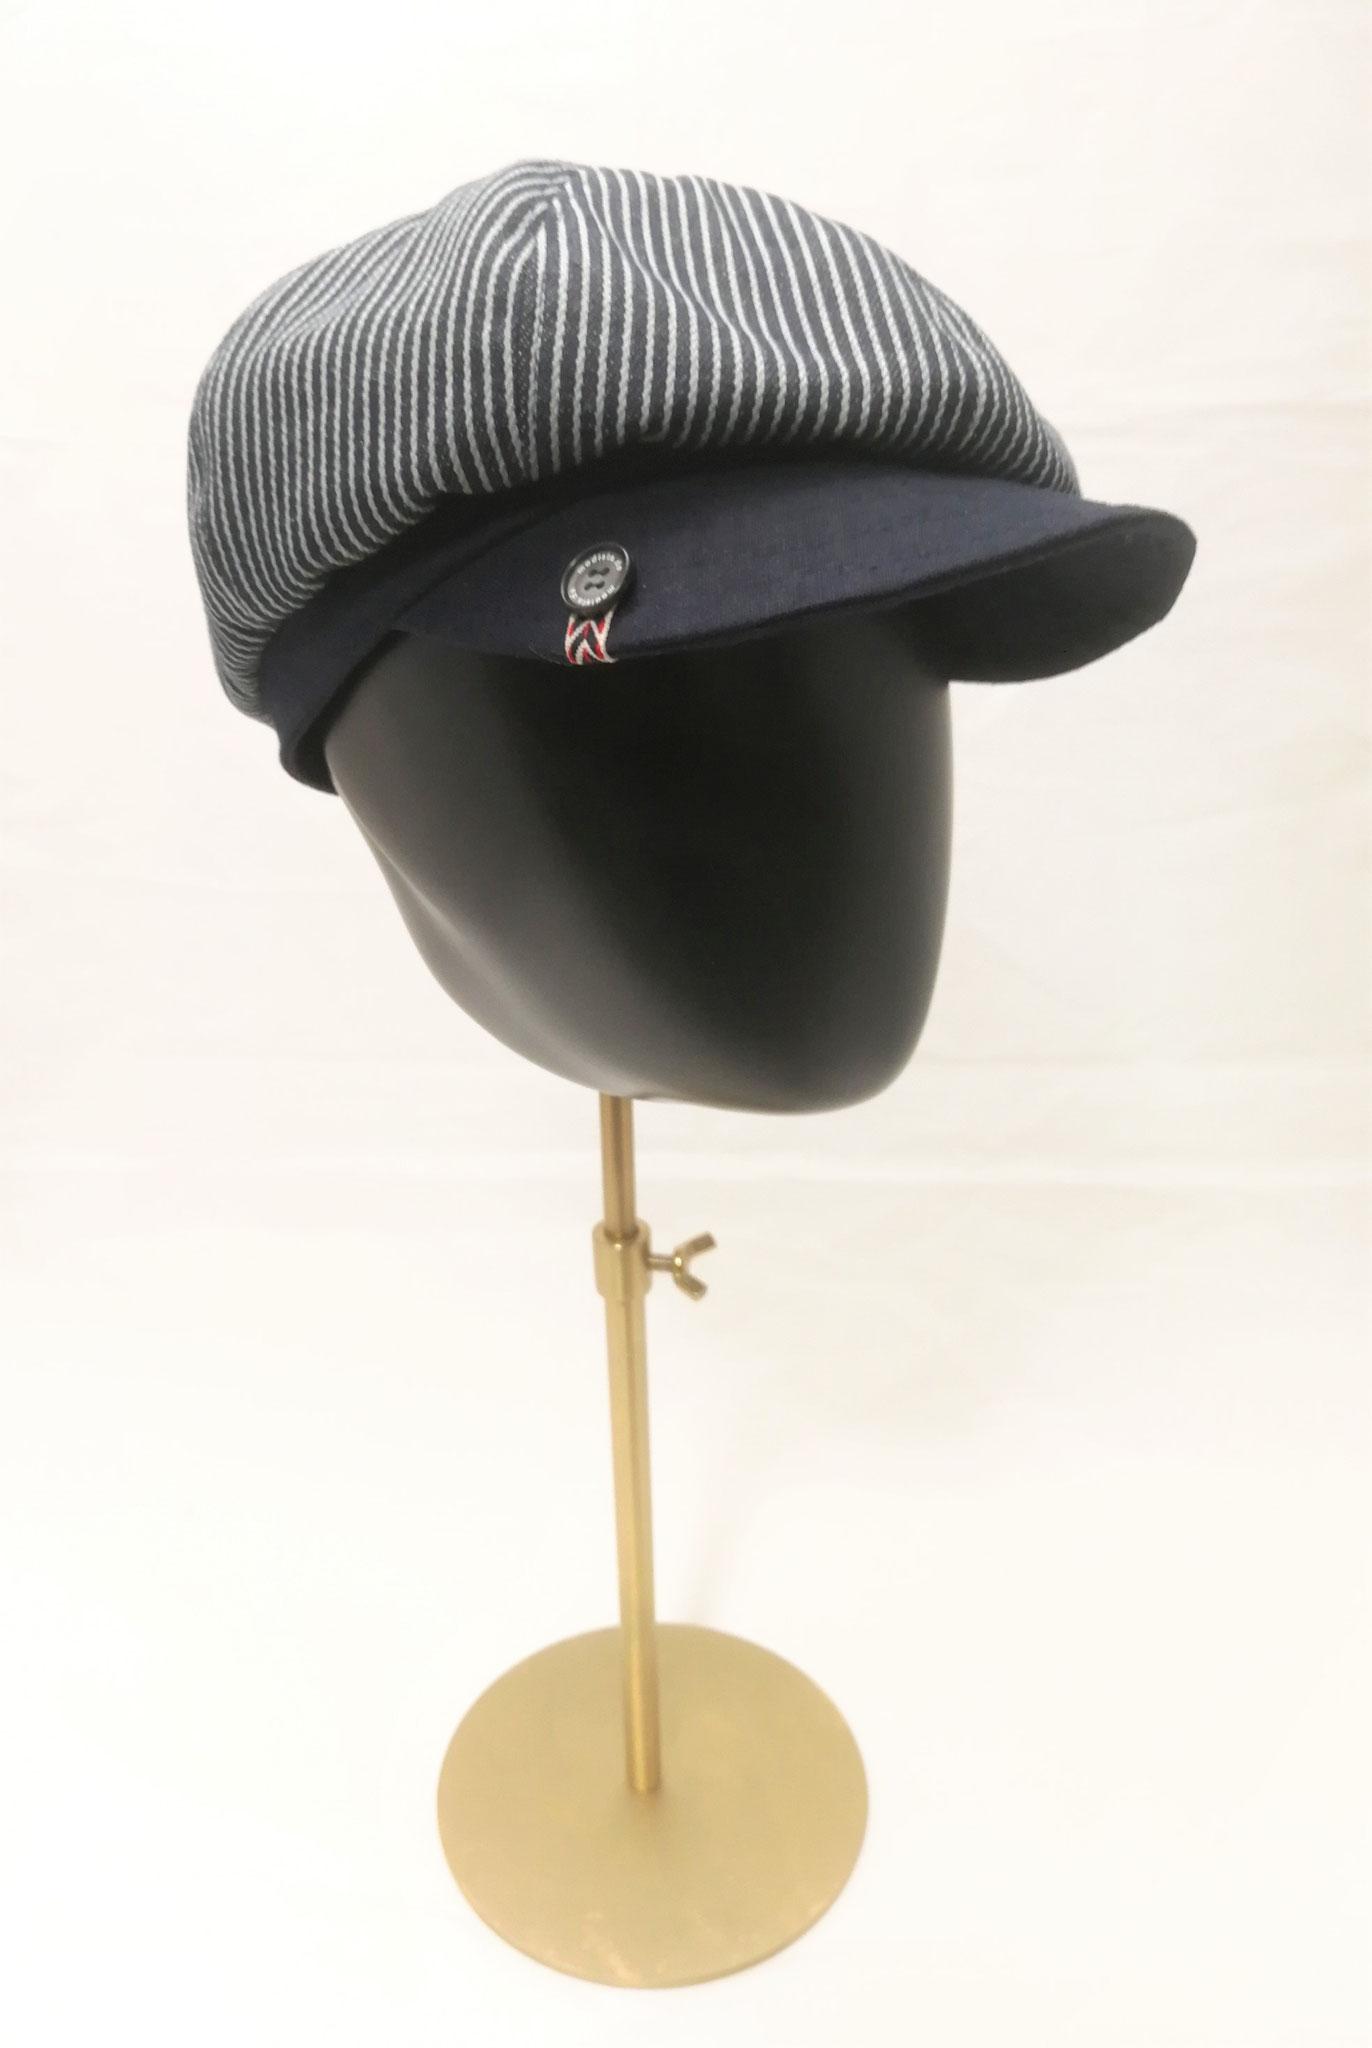 Newsboy Cap, Materialmix aus Jeans und Leinen,  Manufakturarbeit, bestellbar Preis 69,90 €